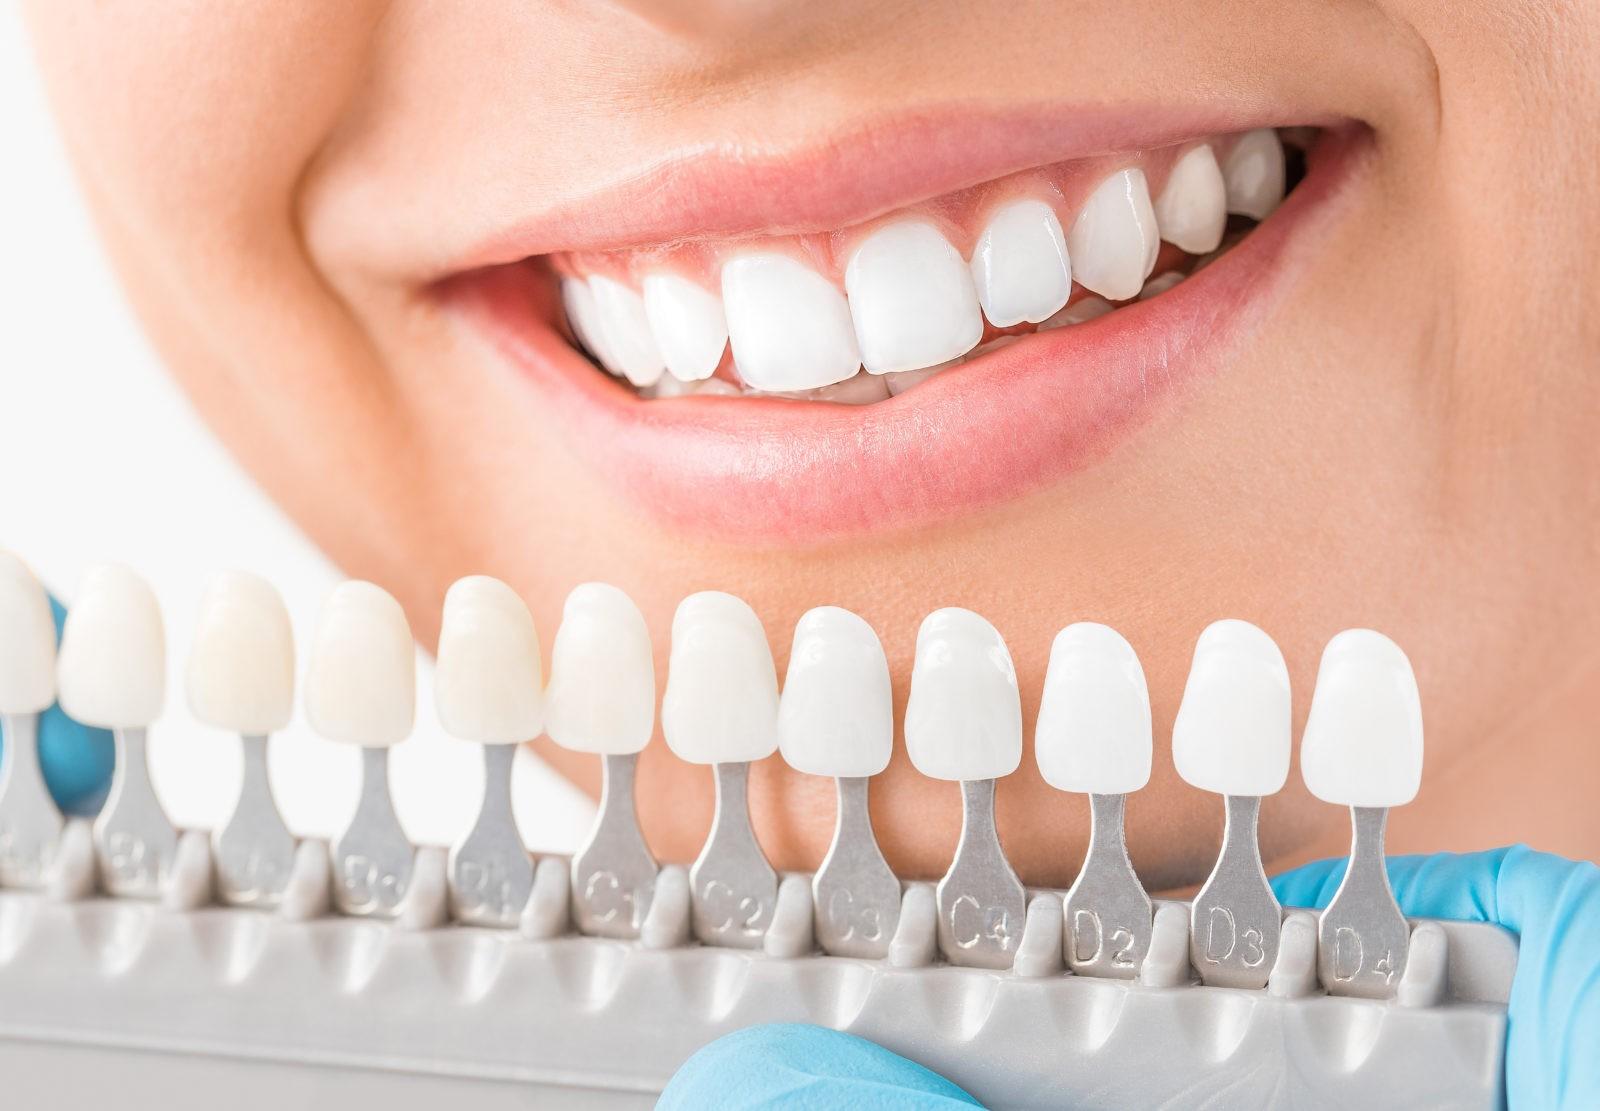 какие материалы используются для зубных протезов